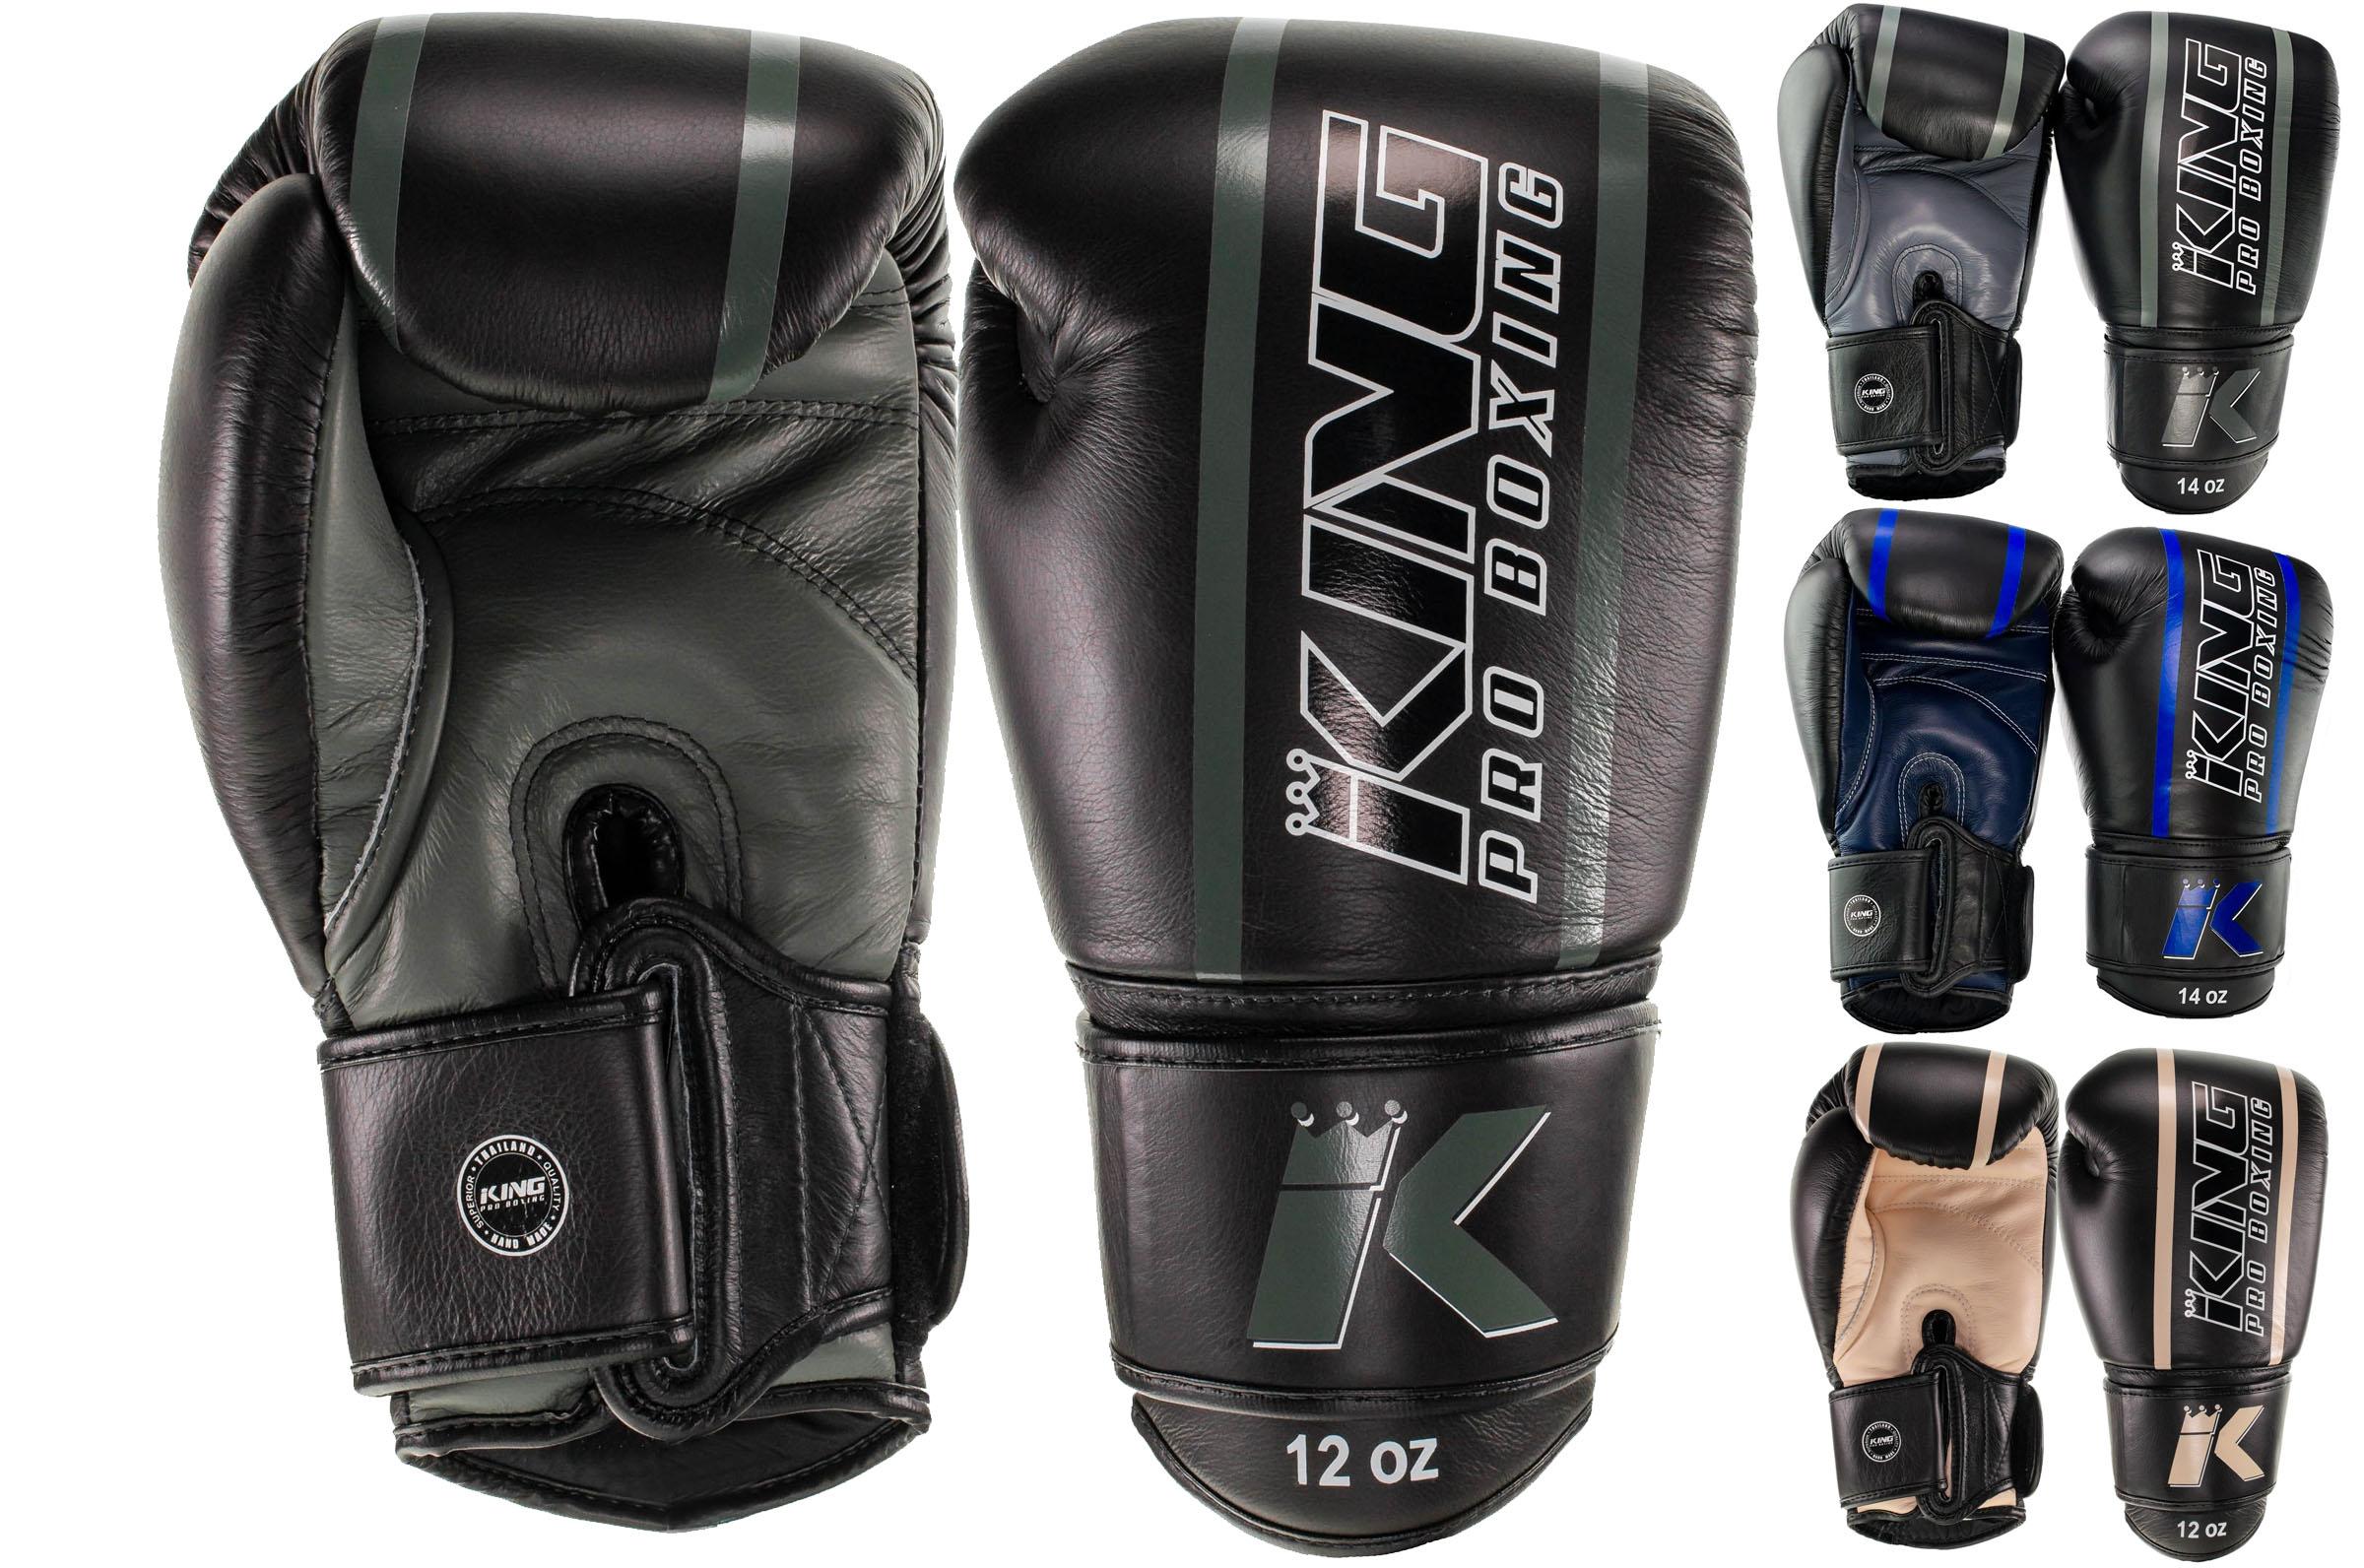 gants de boxe cuir elite king. Black Bedroom Furniture Sets. Home Design Ideas